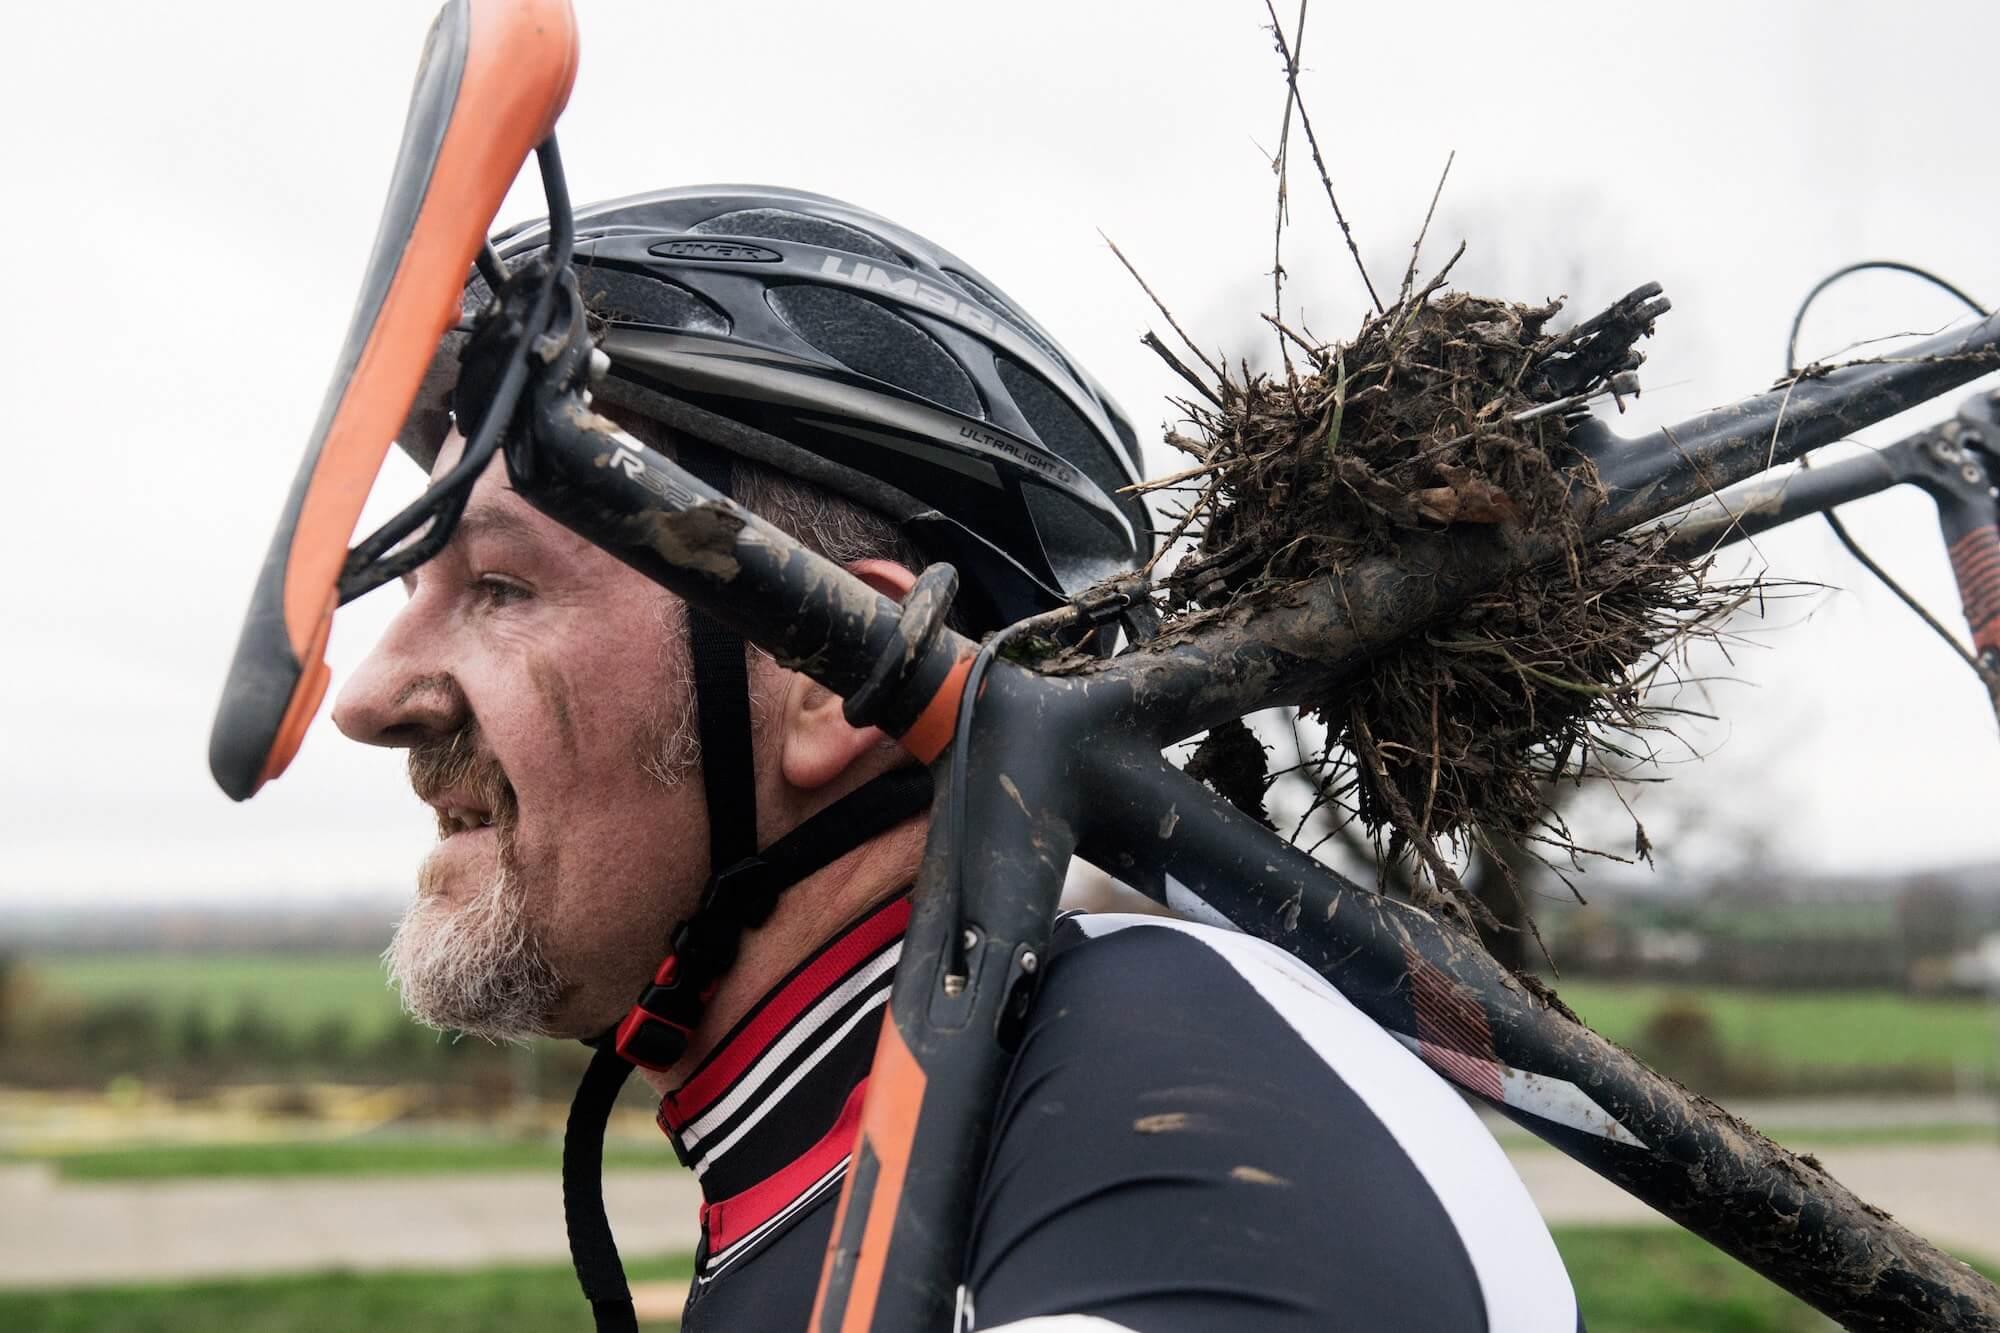 Fahrradschaden_Bikmo